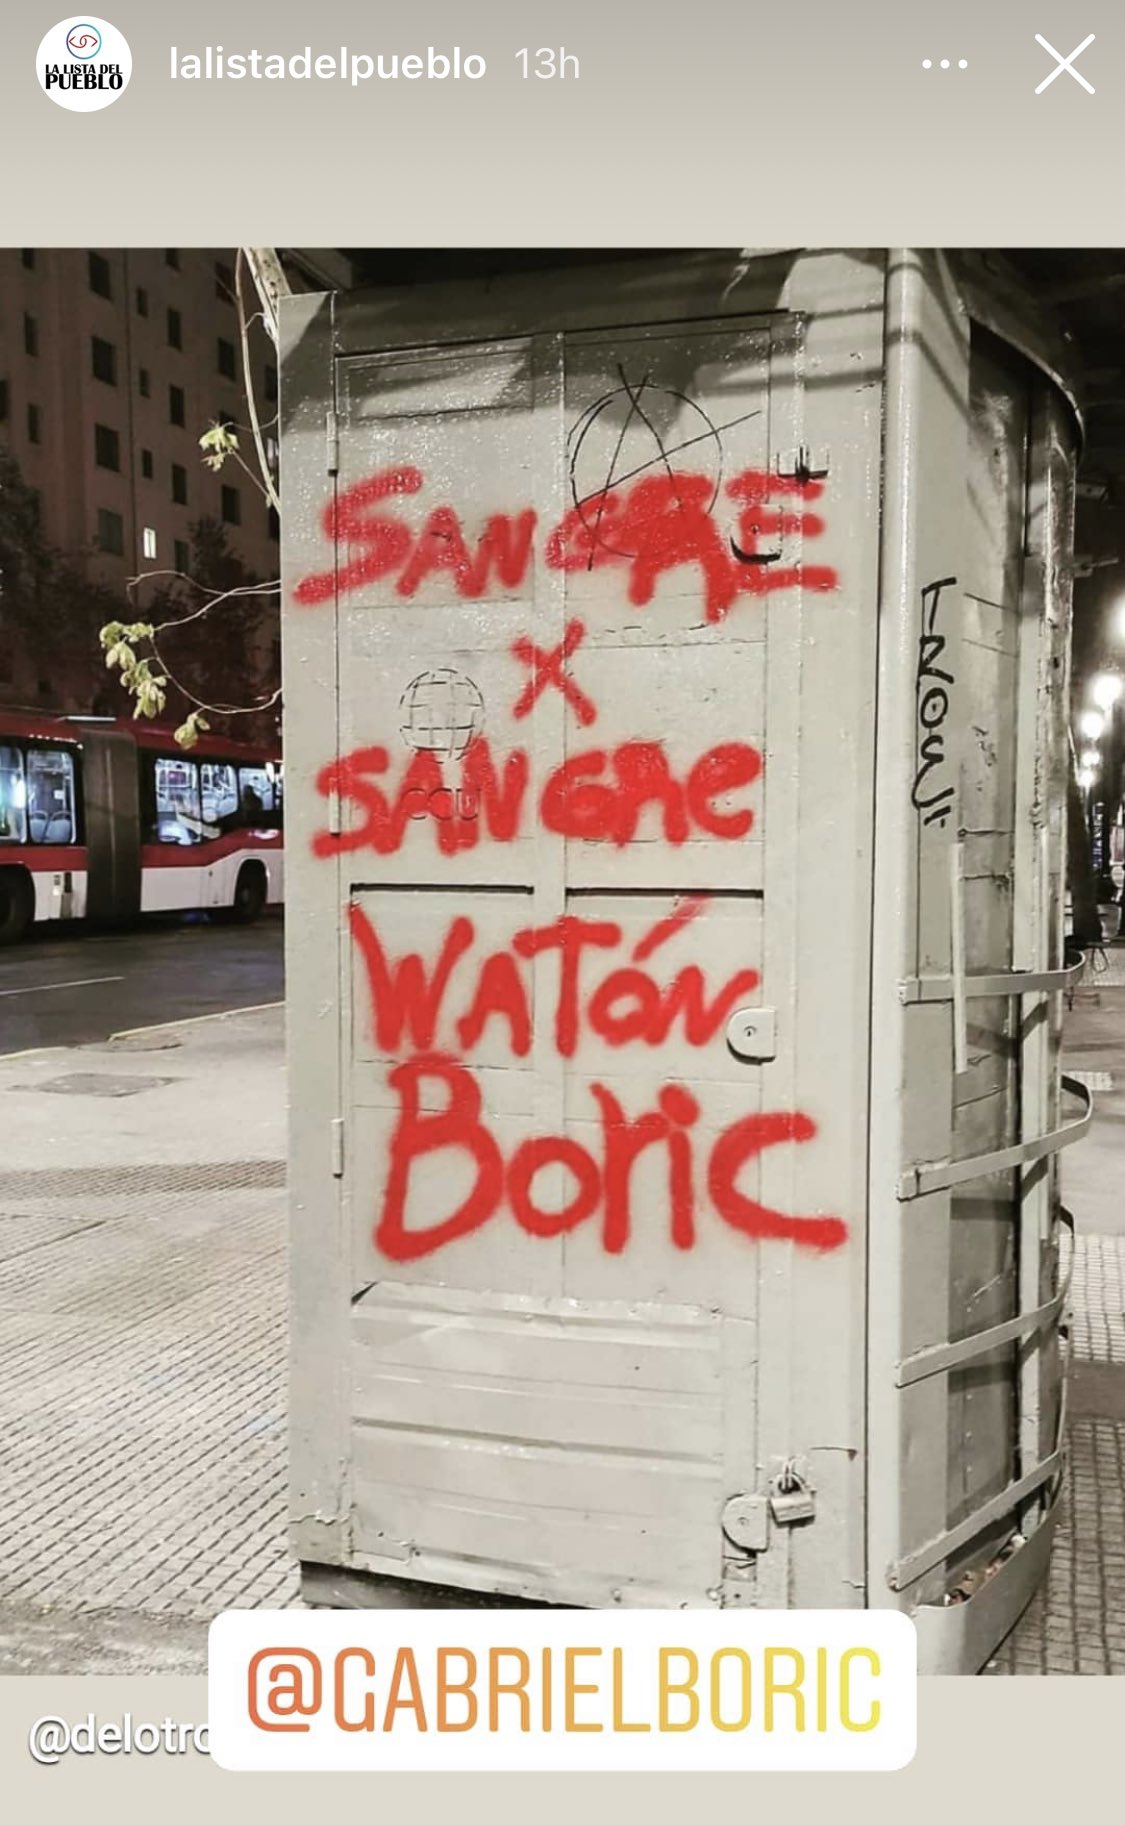 La Lista del Pueblo sigue incitando a la violencia contra Gabriel Boric.